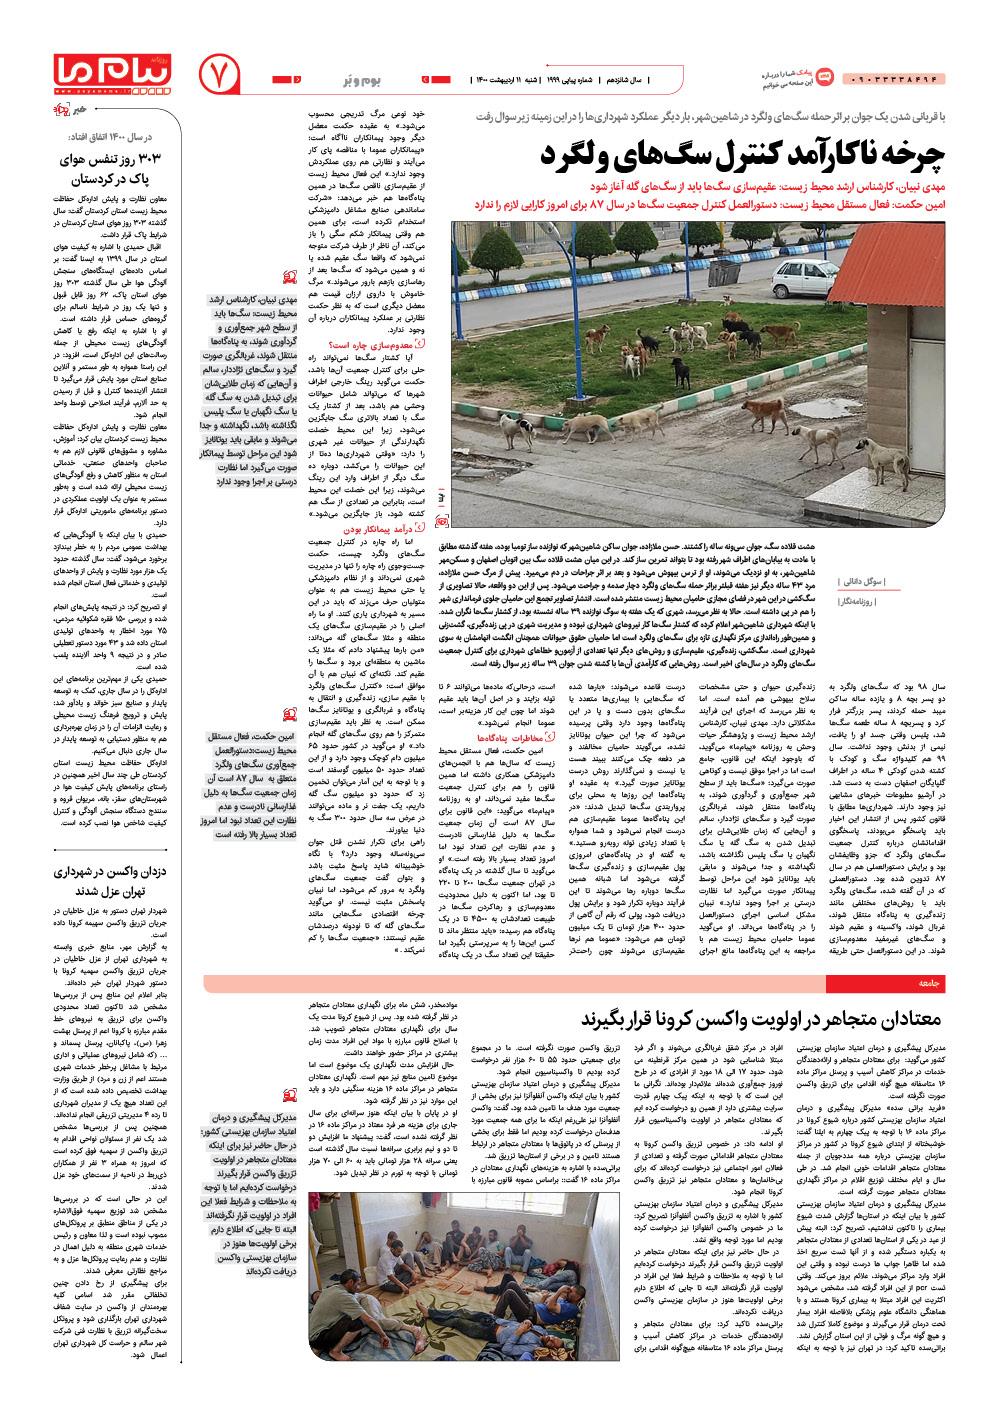 صفحه بوم و بَر شماره ۱۹۹۹ روزنامه پیام ما